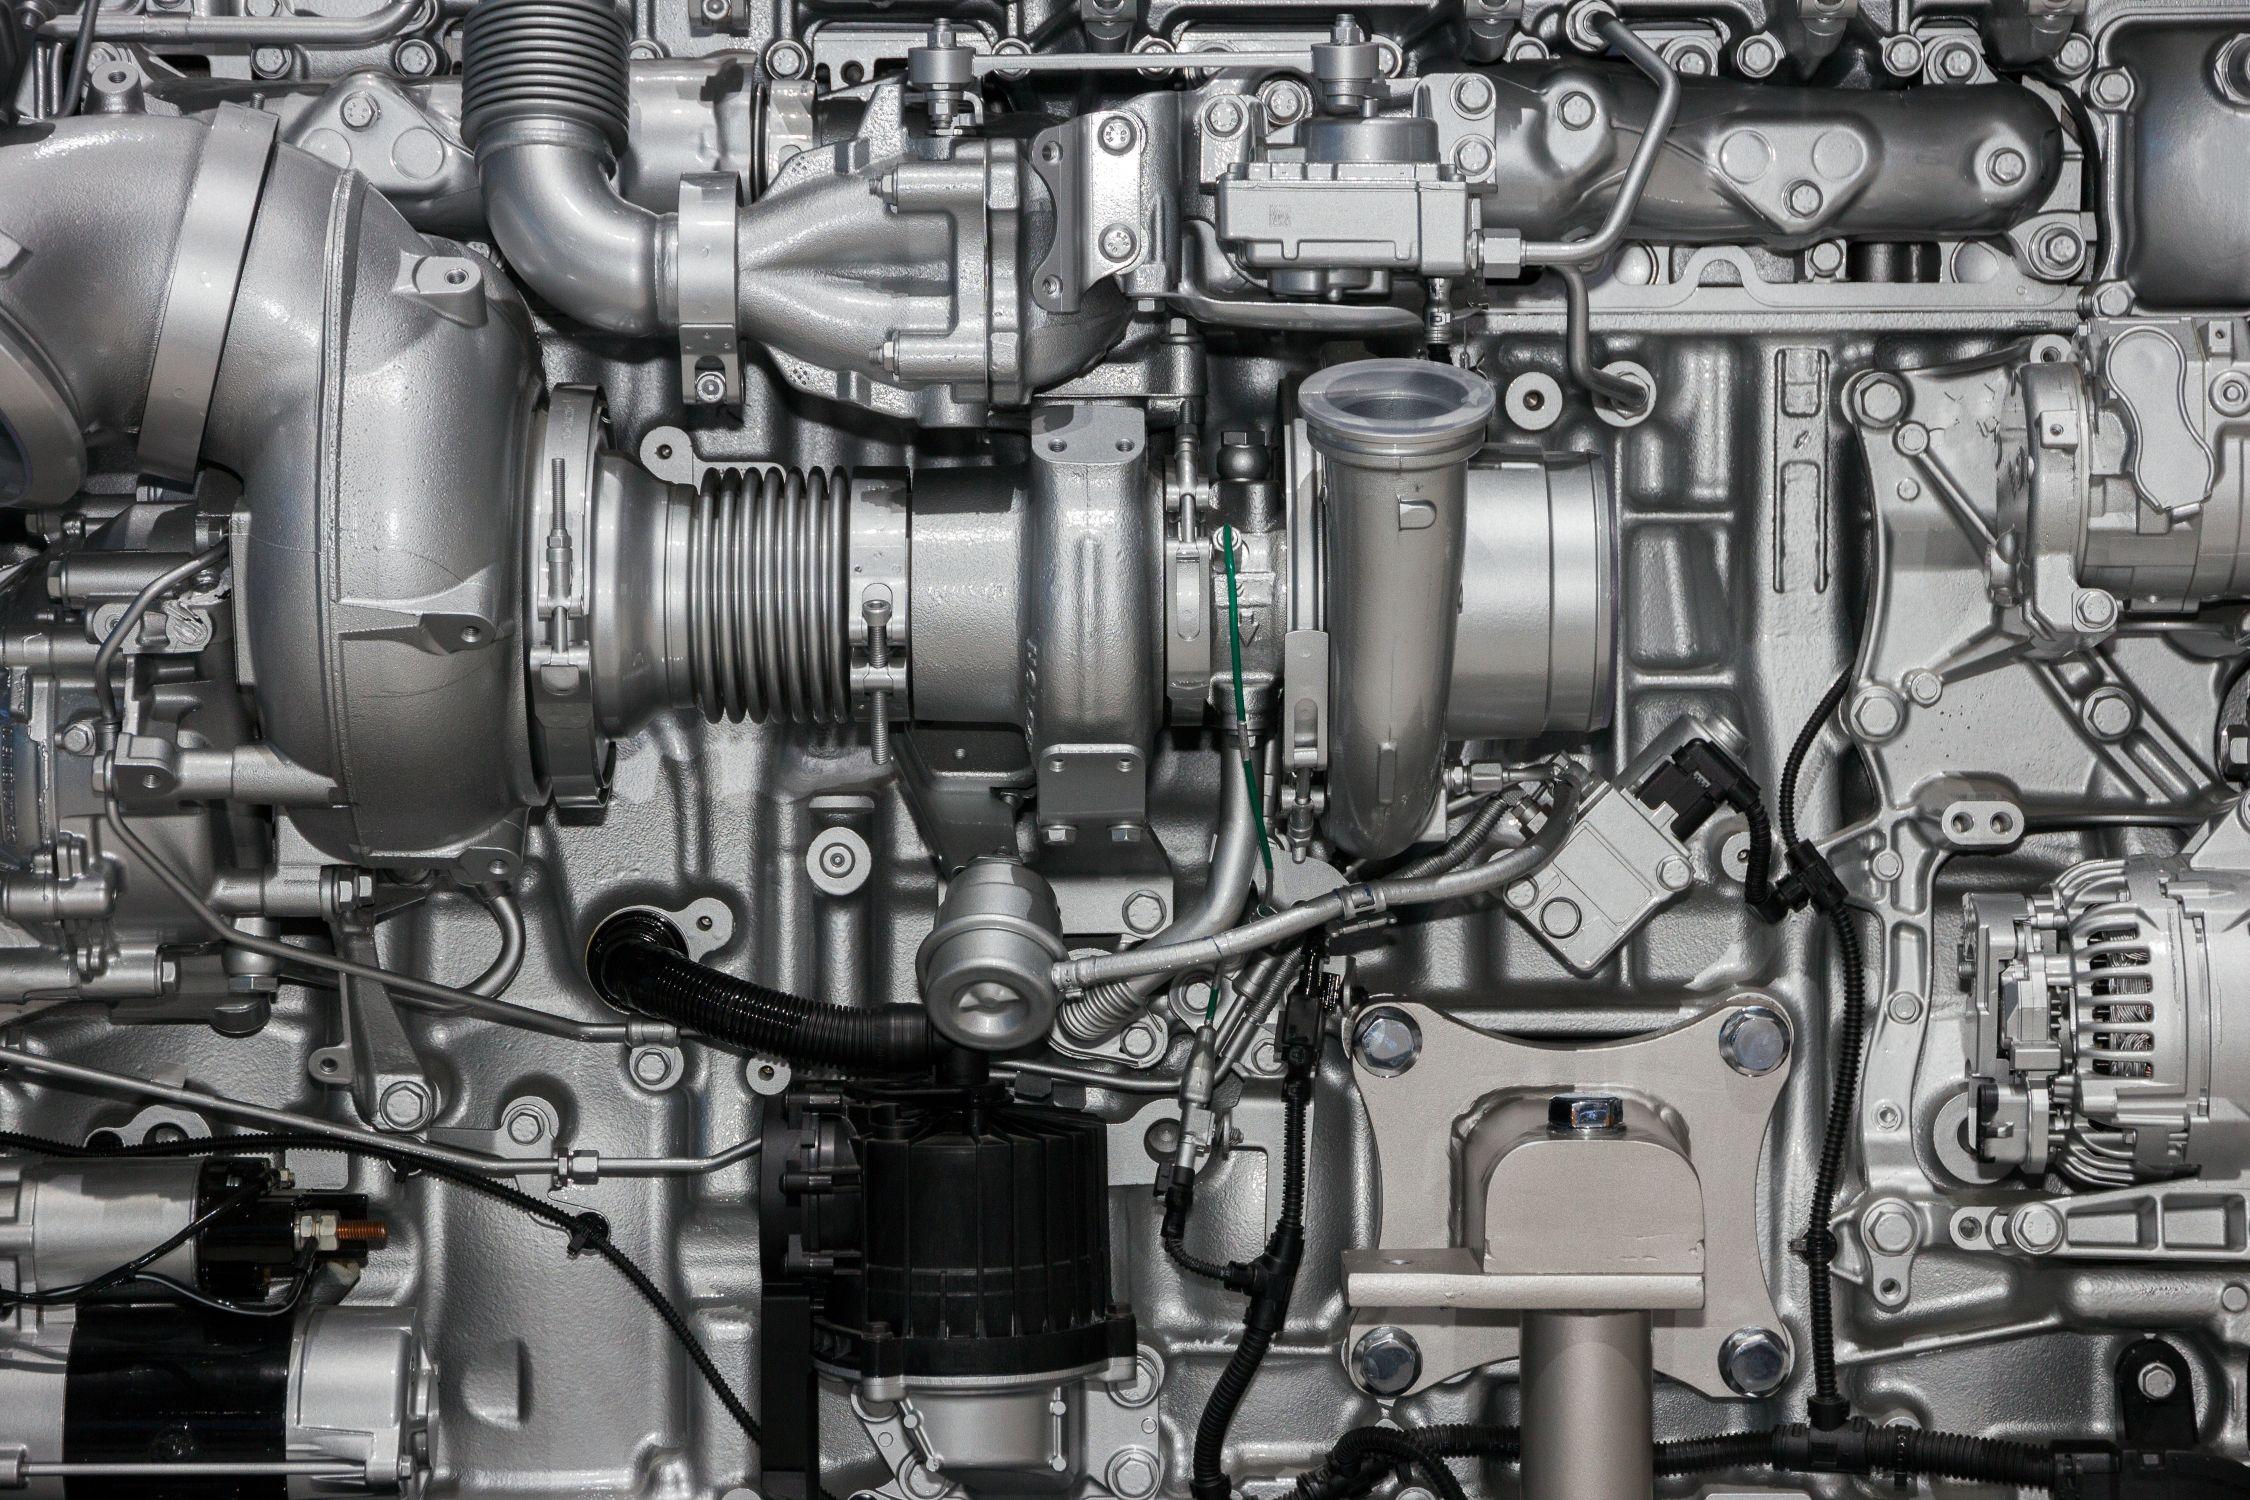 best-engines-diesel-mesa-az-usa